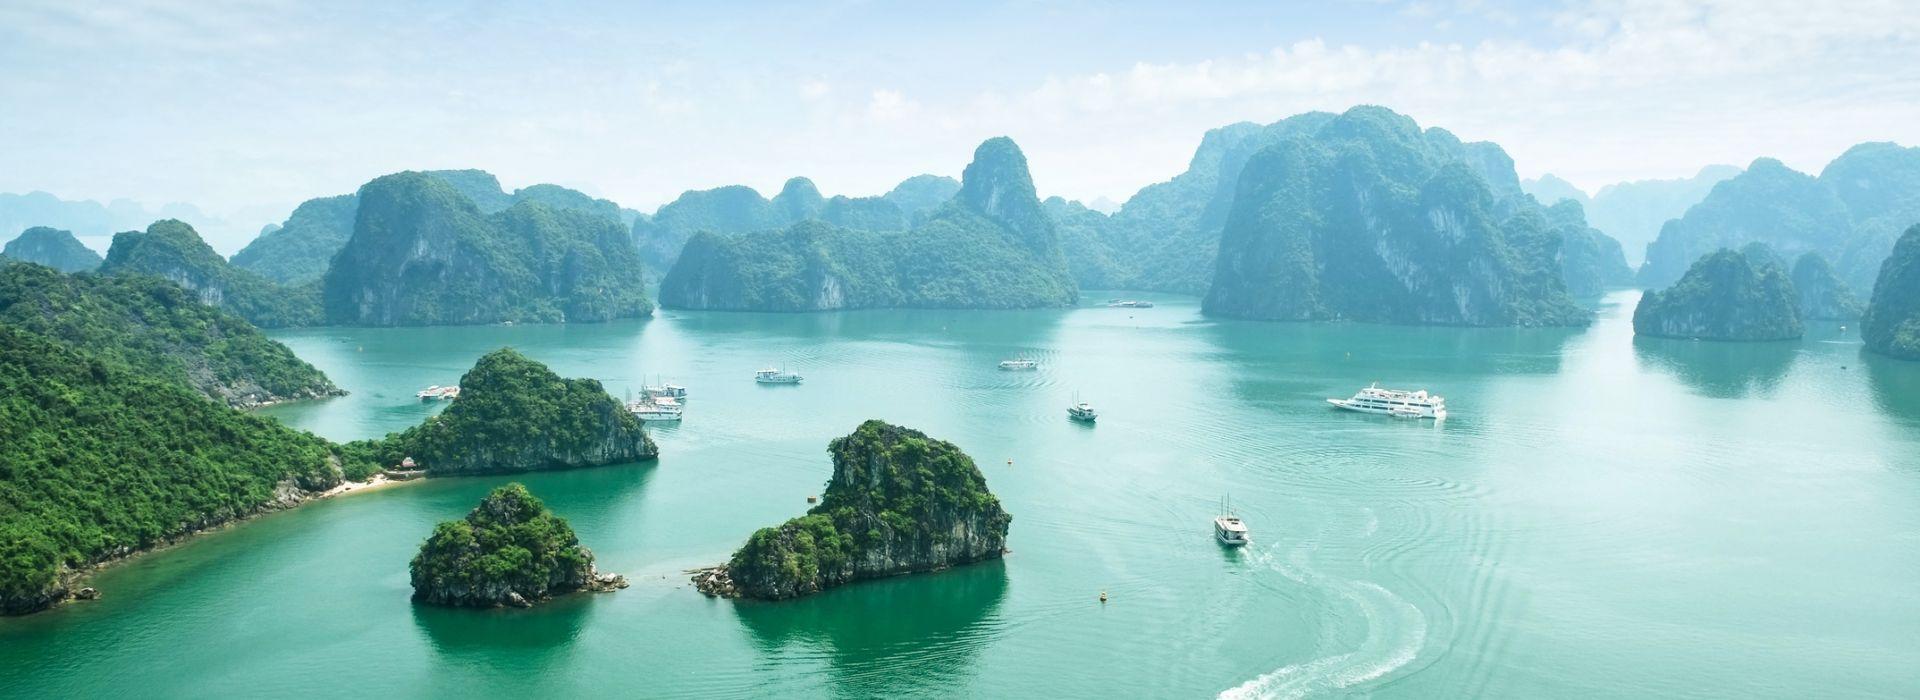 Luxury Tours in Hanoi